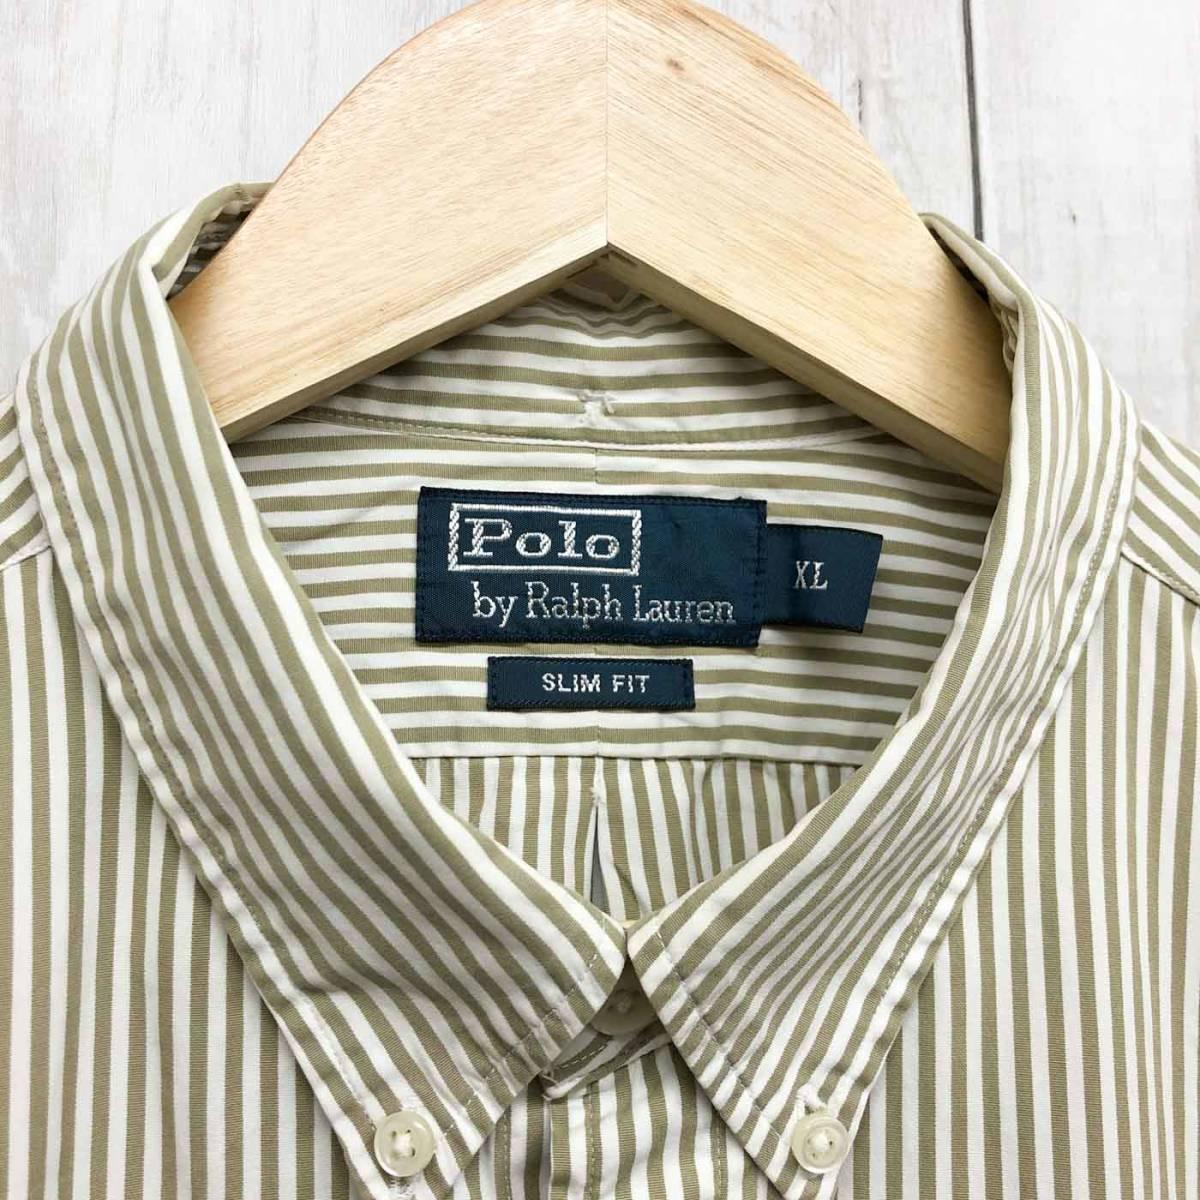 ラルフローレン POLO Ralph Lauren Polo 半袖シャツ メンズ ワンポイント XLサイズ 7-184_画像5